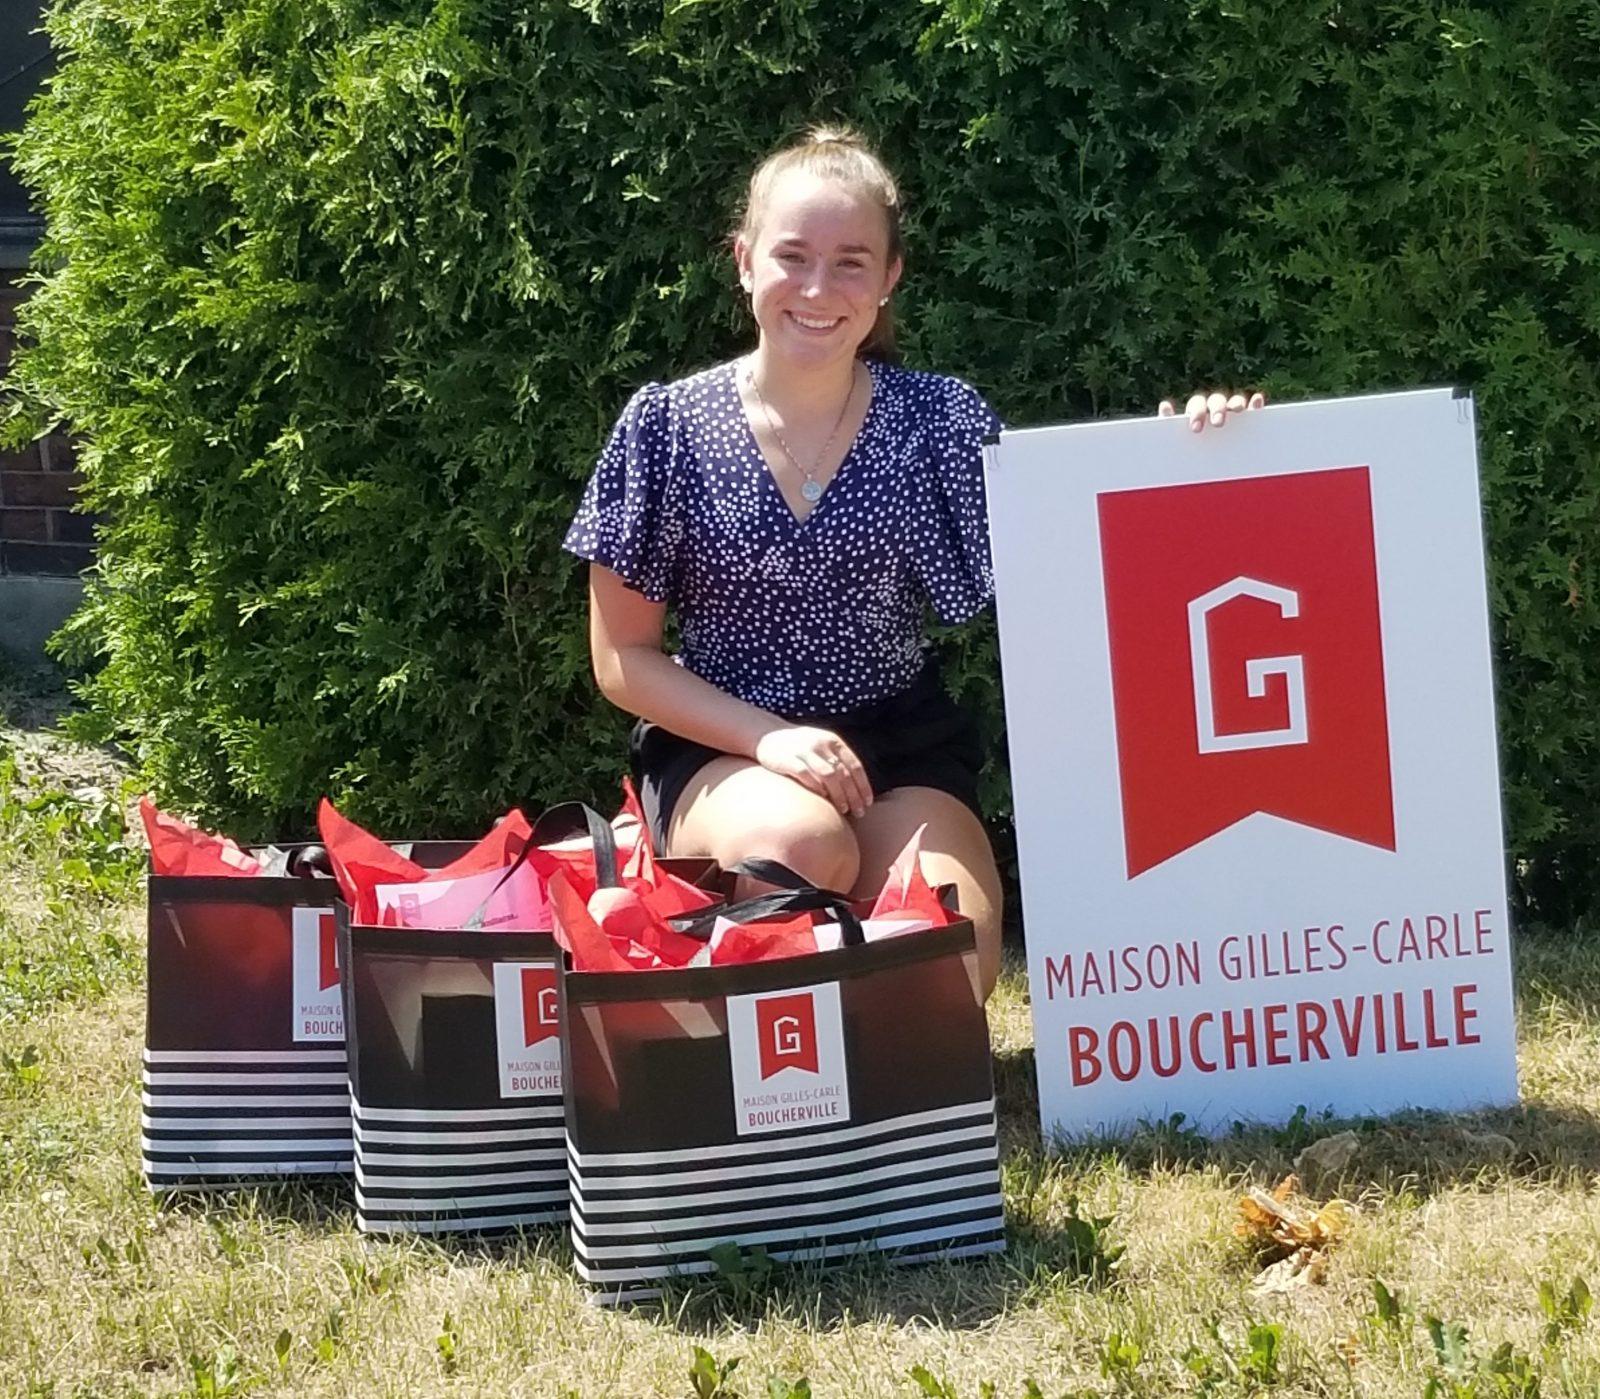 La Maison Gilles-Carle Boucherville distribue du réconfort aux proches aidants